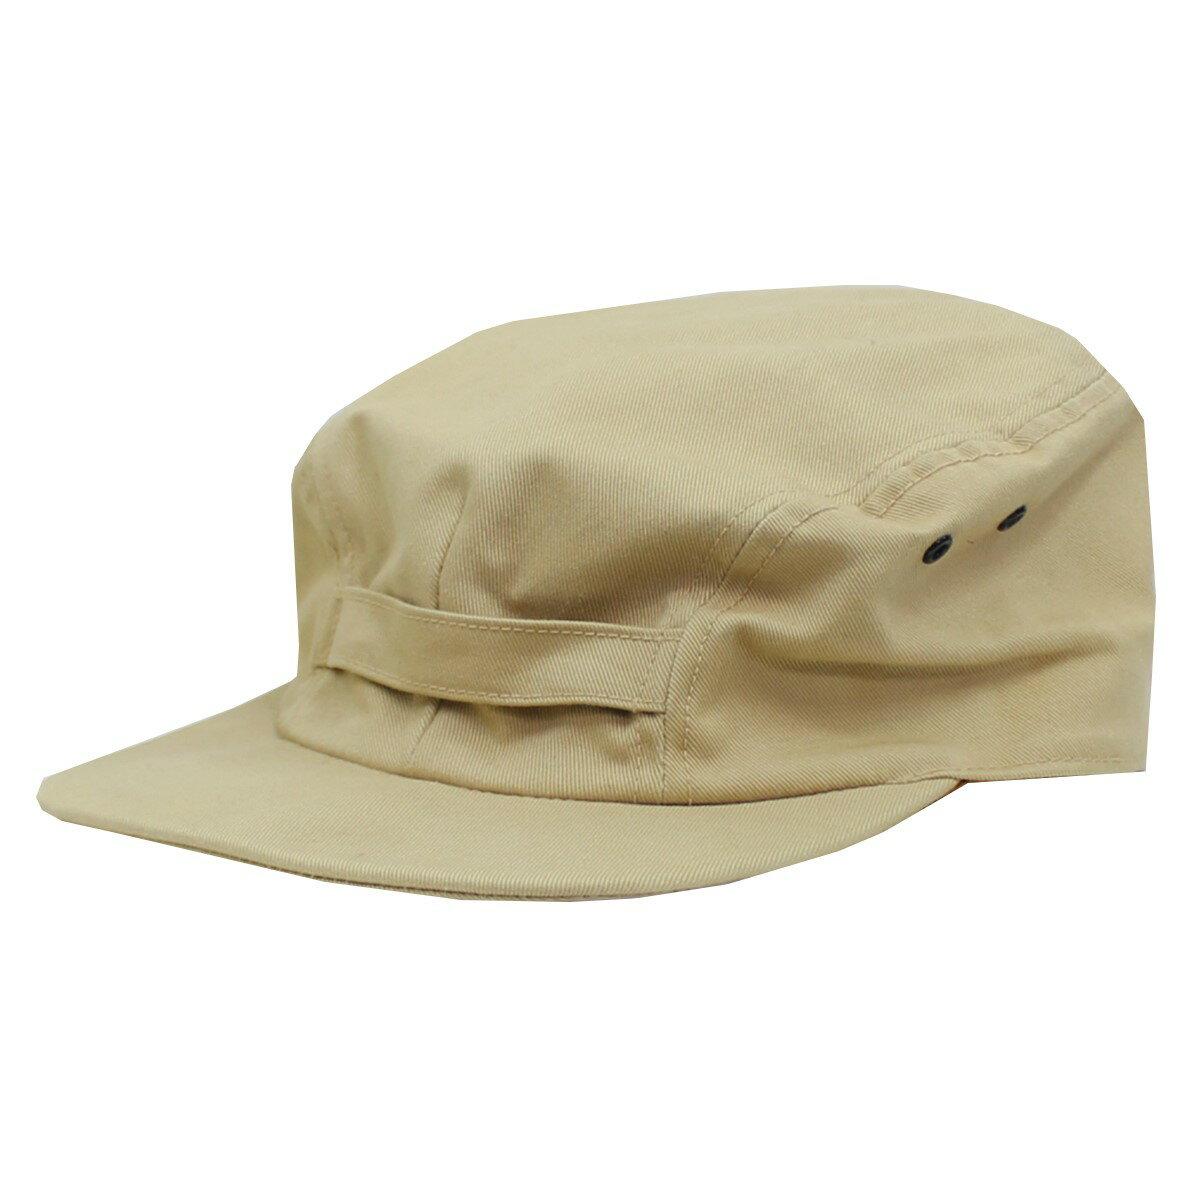 メンズ帽子, キャップ TIMEWORN CLOTHING AtLastCo WORK CAPTWILL 7 12 040621